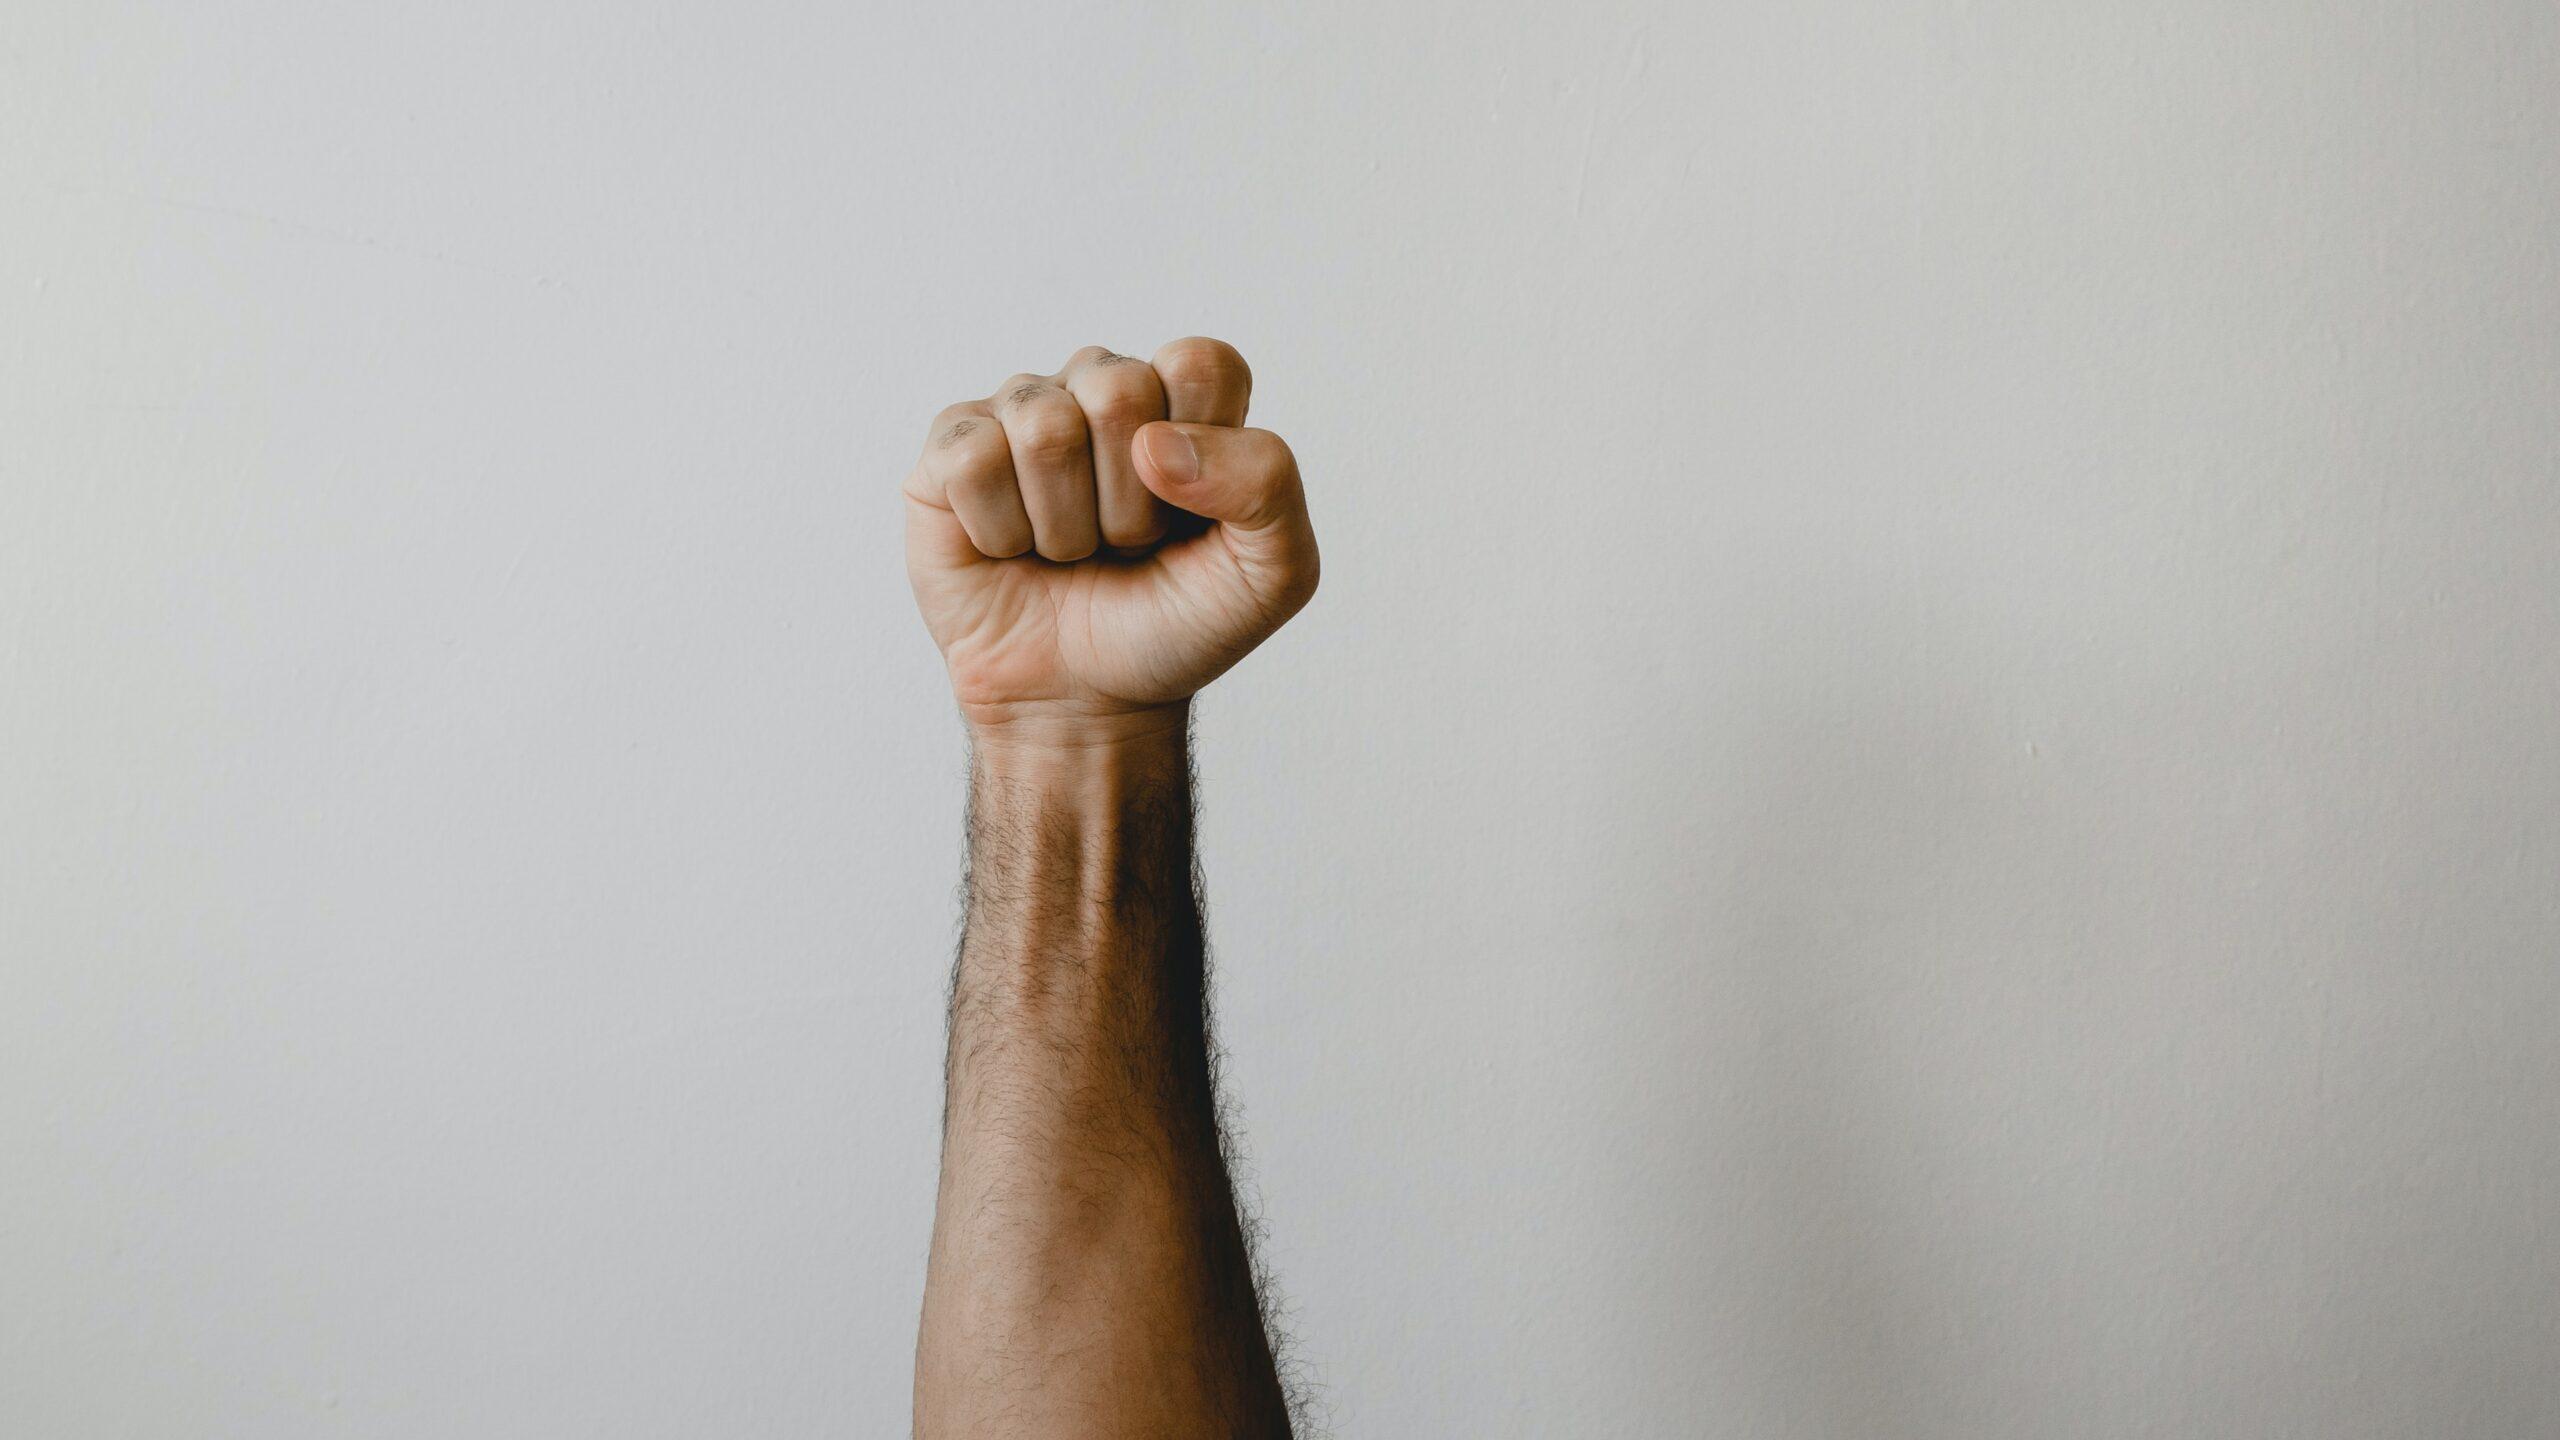 Naprawić windę społeczną. Nierówności blokują potencjał Polaków